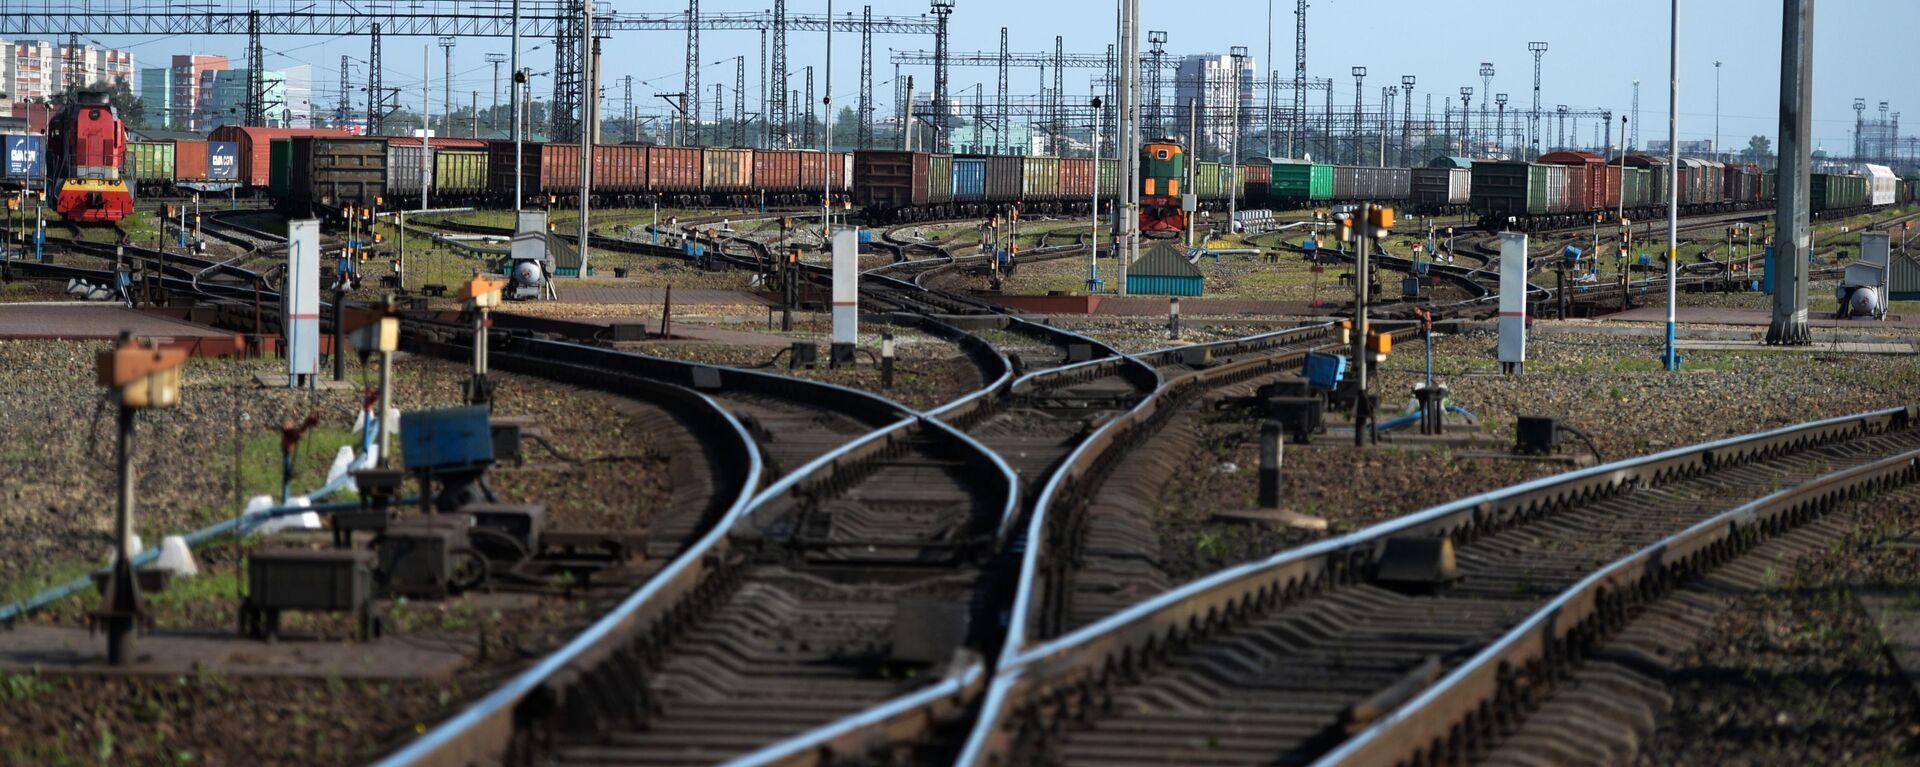 Товарные поезда - Sputnik Узбекистан, 1920, 16.11.2020